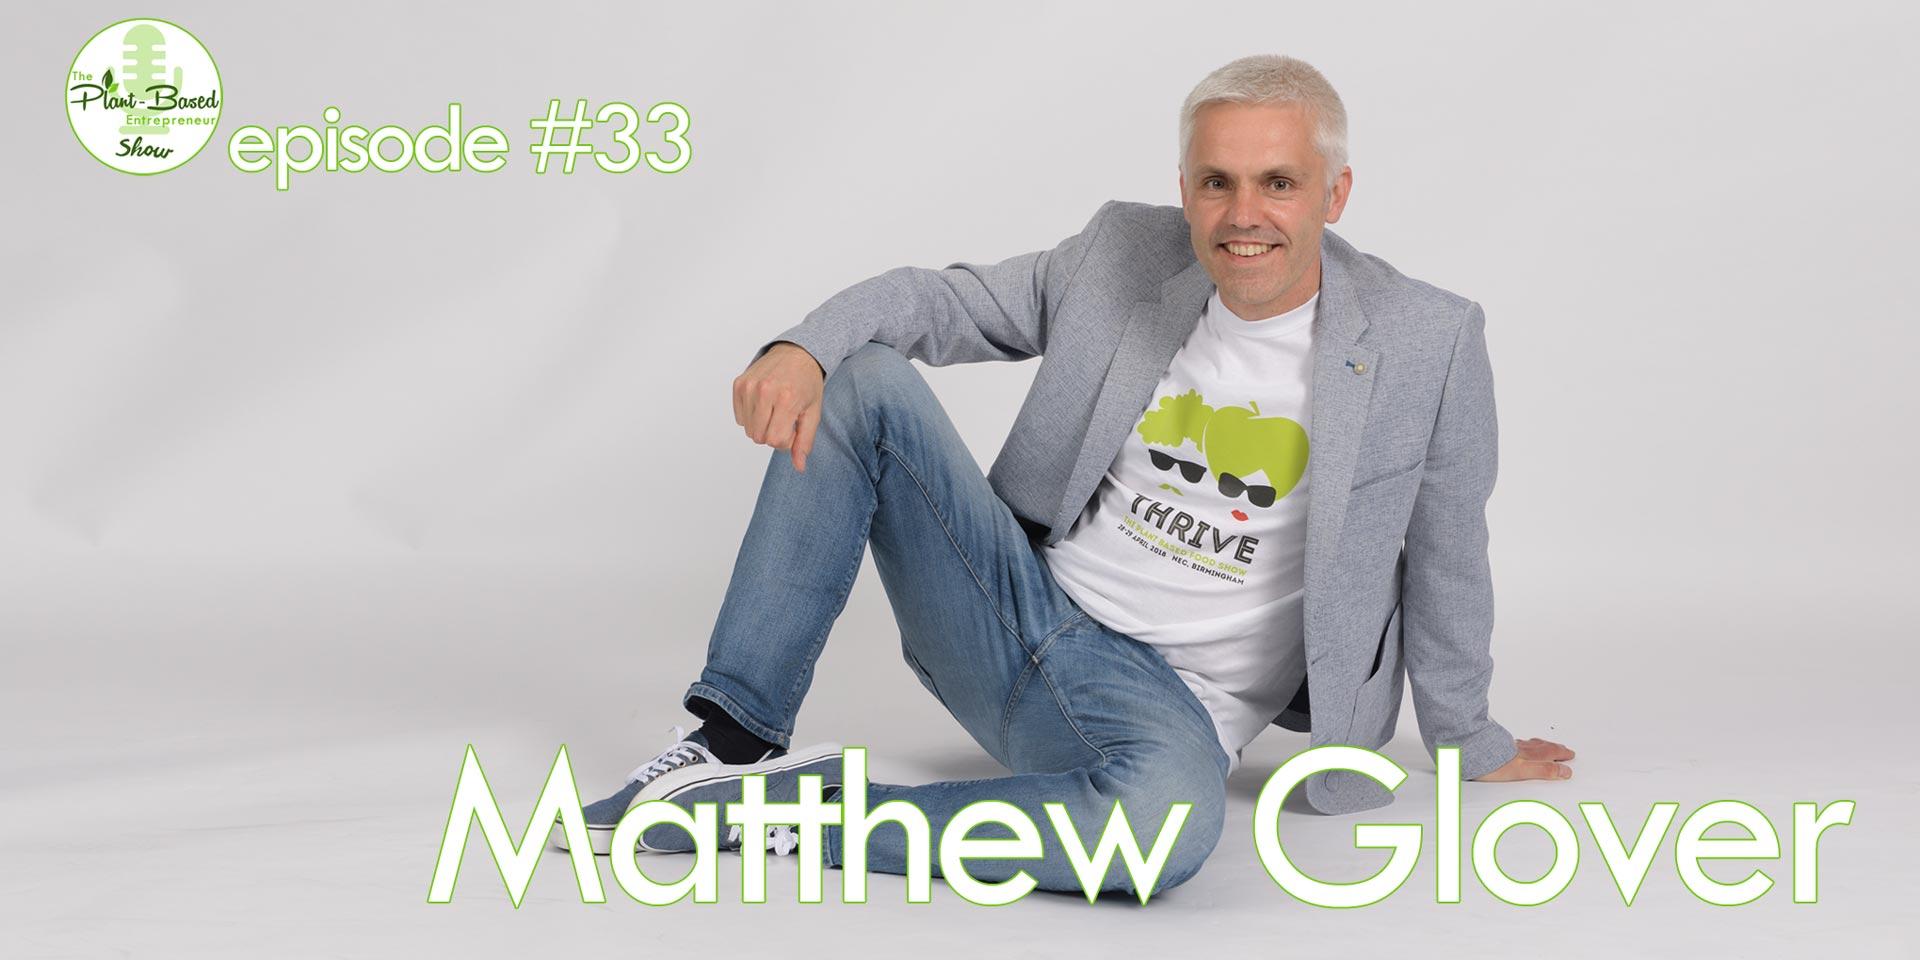 Episode #33 - Matthew Glover